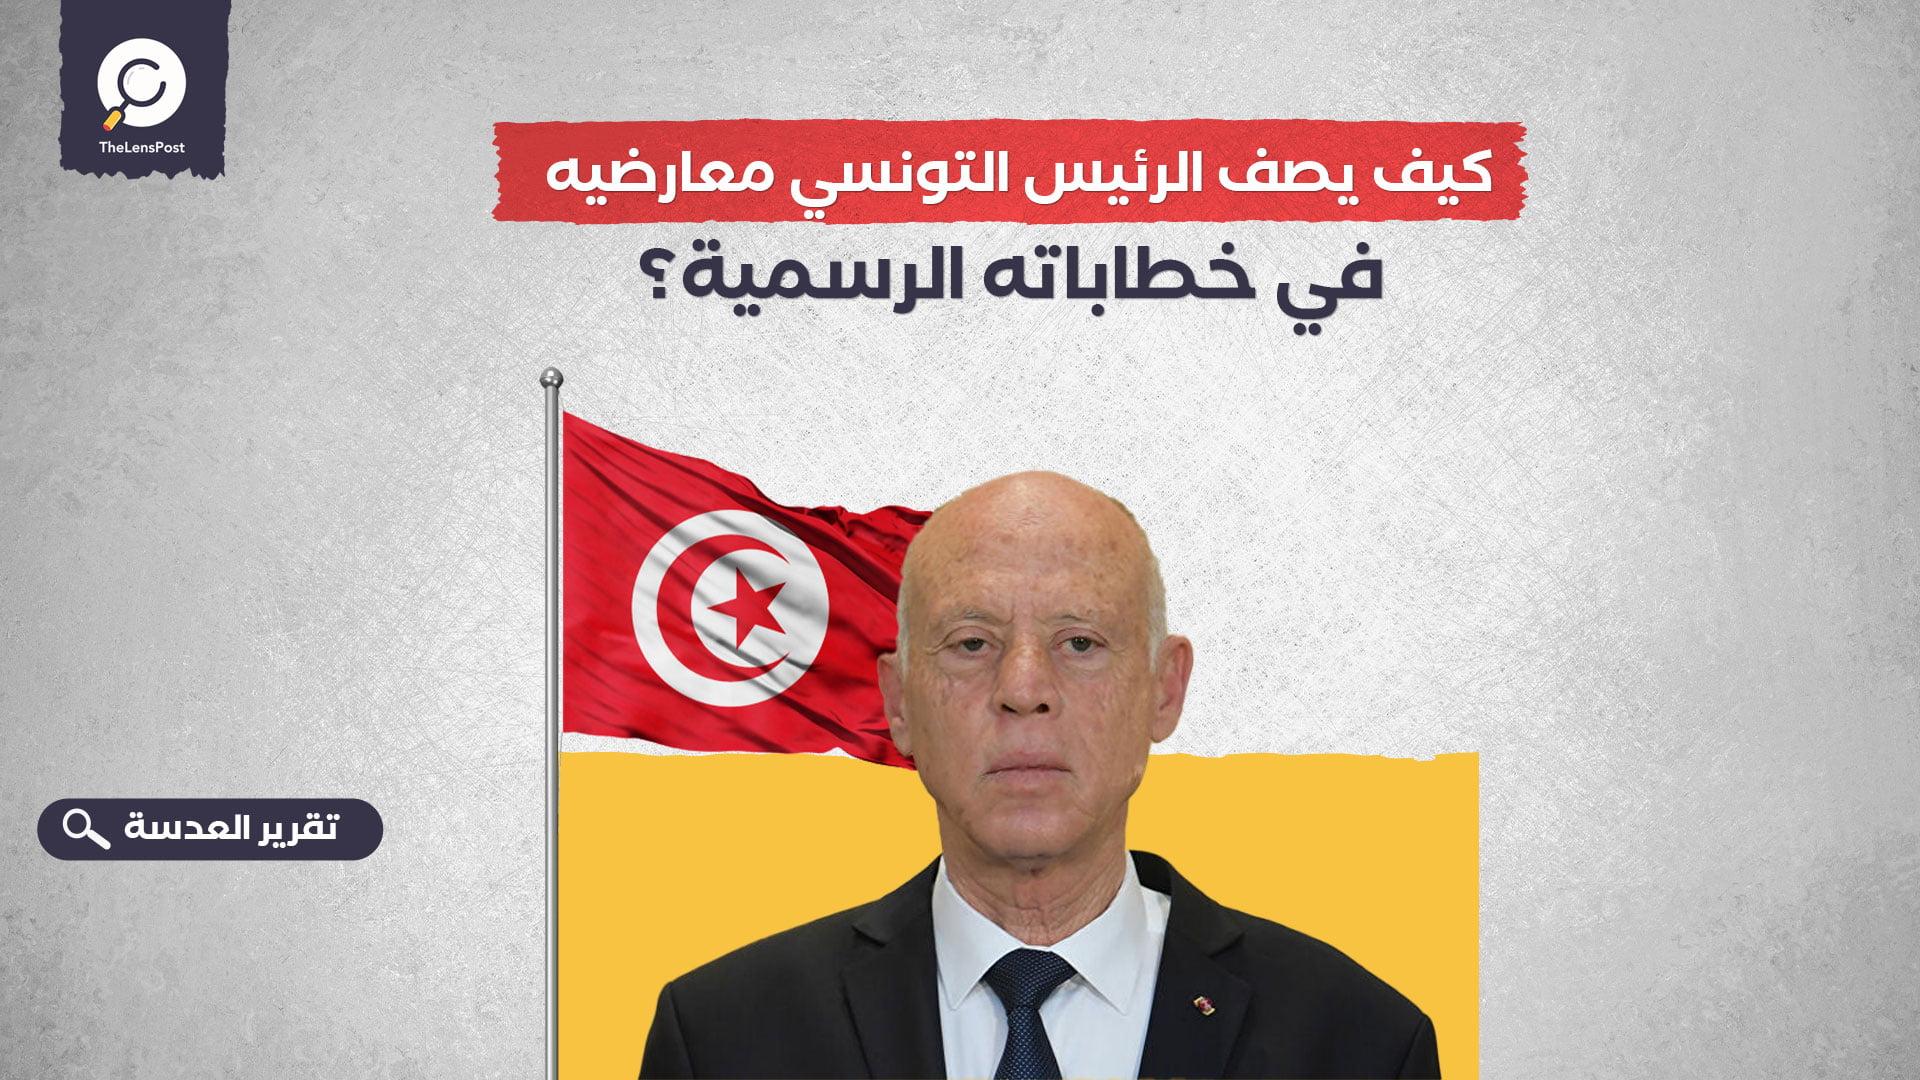 كيف يصف الرئيس التونسي معارضيه في خطاباته الرسمية؟